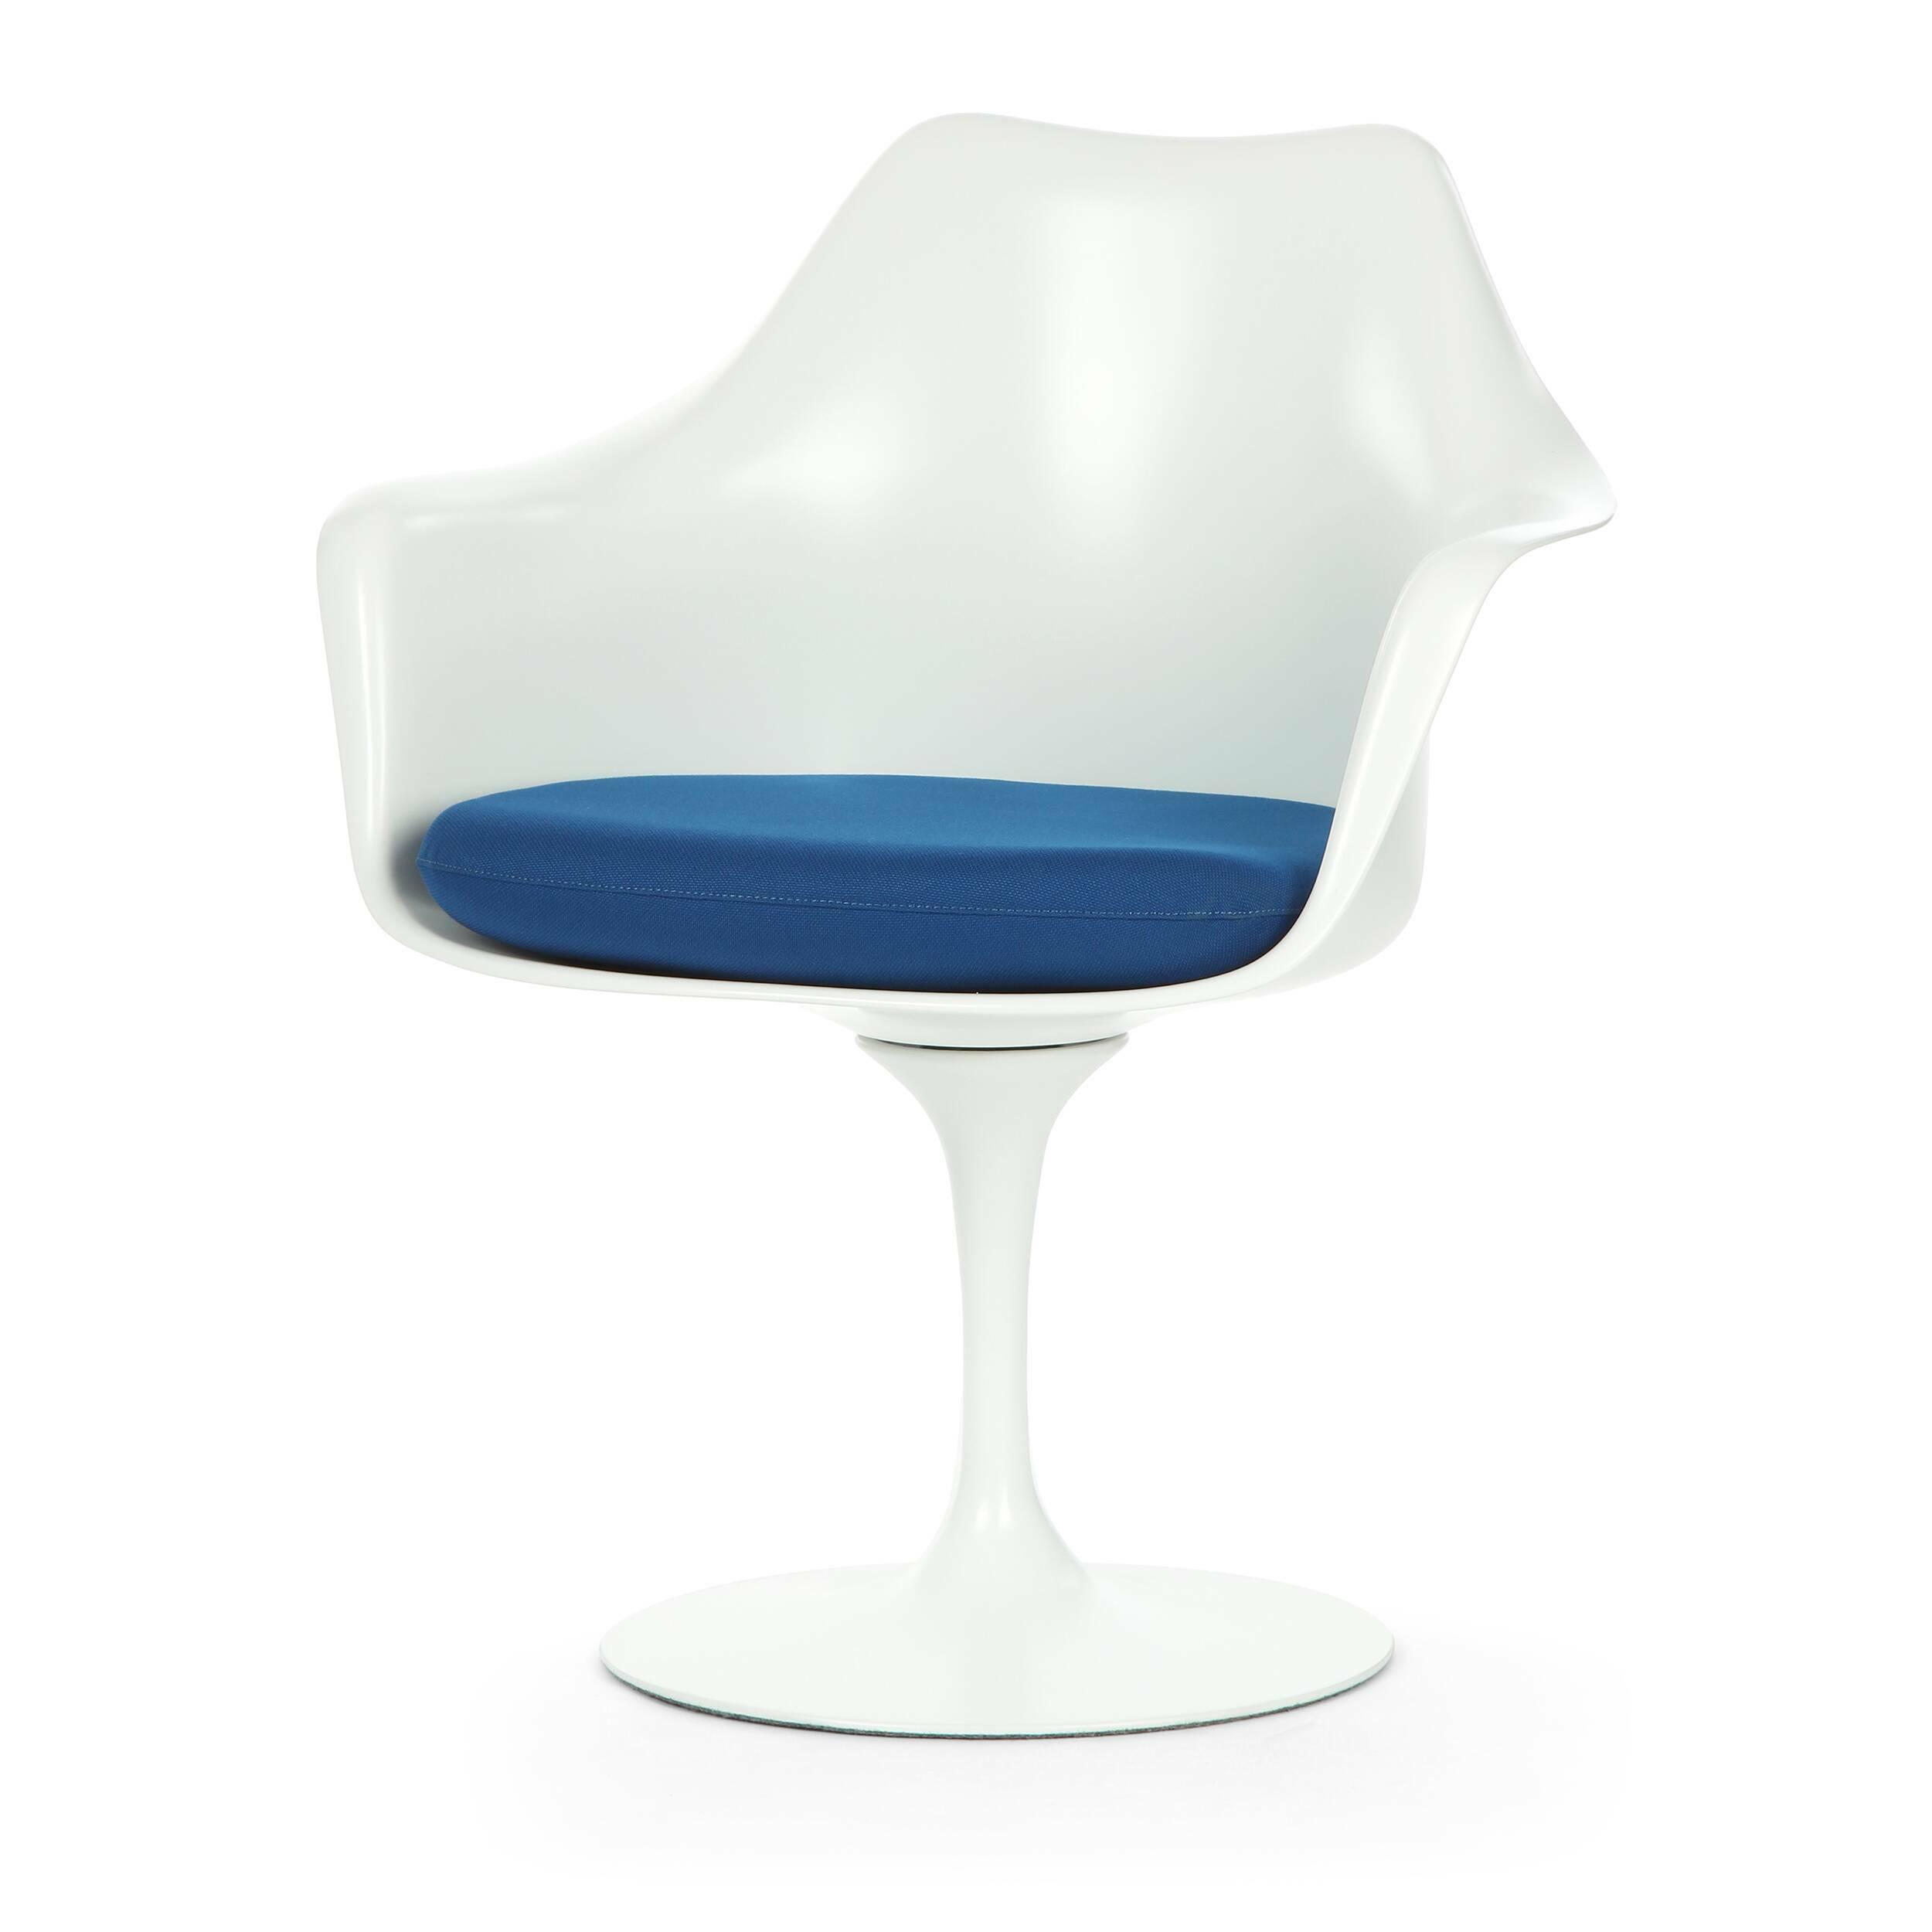 Cтул Tulip с подлокотниками и мягкой подушкойИнтерьерные<br>Дизайнерский мягкий стул Tulip (Тулип) с подлокотниками и мягкой подушкой из стекловолокна на глянцевой ножке с кожаным сиденьем от Cosmo (Космо).<br><br>     Свои основные идеи финн Ээро Сааринен черпал в аскетичном подходе к дизайну, воплощая их в наиболее эффективных конструкционных решениях. «Решение любой дизайнерской задачи нужно искать в следующей, более крупной вещи, — утверждал Сааринен. — Если загвоздка в стуле, мы должны смотреть на то, как он соотносится с комнатой». Именно в стуле Tu...<br><br>stock: 0<br>Высота: 80,5<br>Высота сиденья: 47<br>Ширина: 66<br>Глубина: 58<br>Цвет ножек: Белый матовый<br>Тип материала каркаса: Стекловолокно<br>Материал сидения: Полиэстер<br>Цвет сидения: Синий<br>Тип материала сидения: Ткань<br>Коллекция ткани: Gabriel Fabric<br>Тип материала ножек: Алюминий<br>Цвет каркаса: Белый матовый